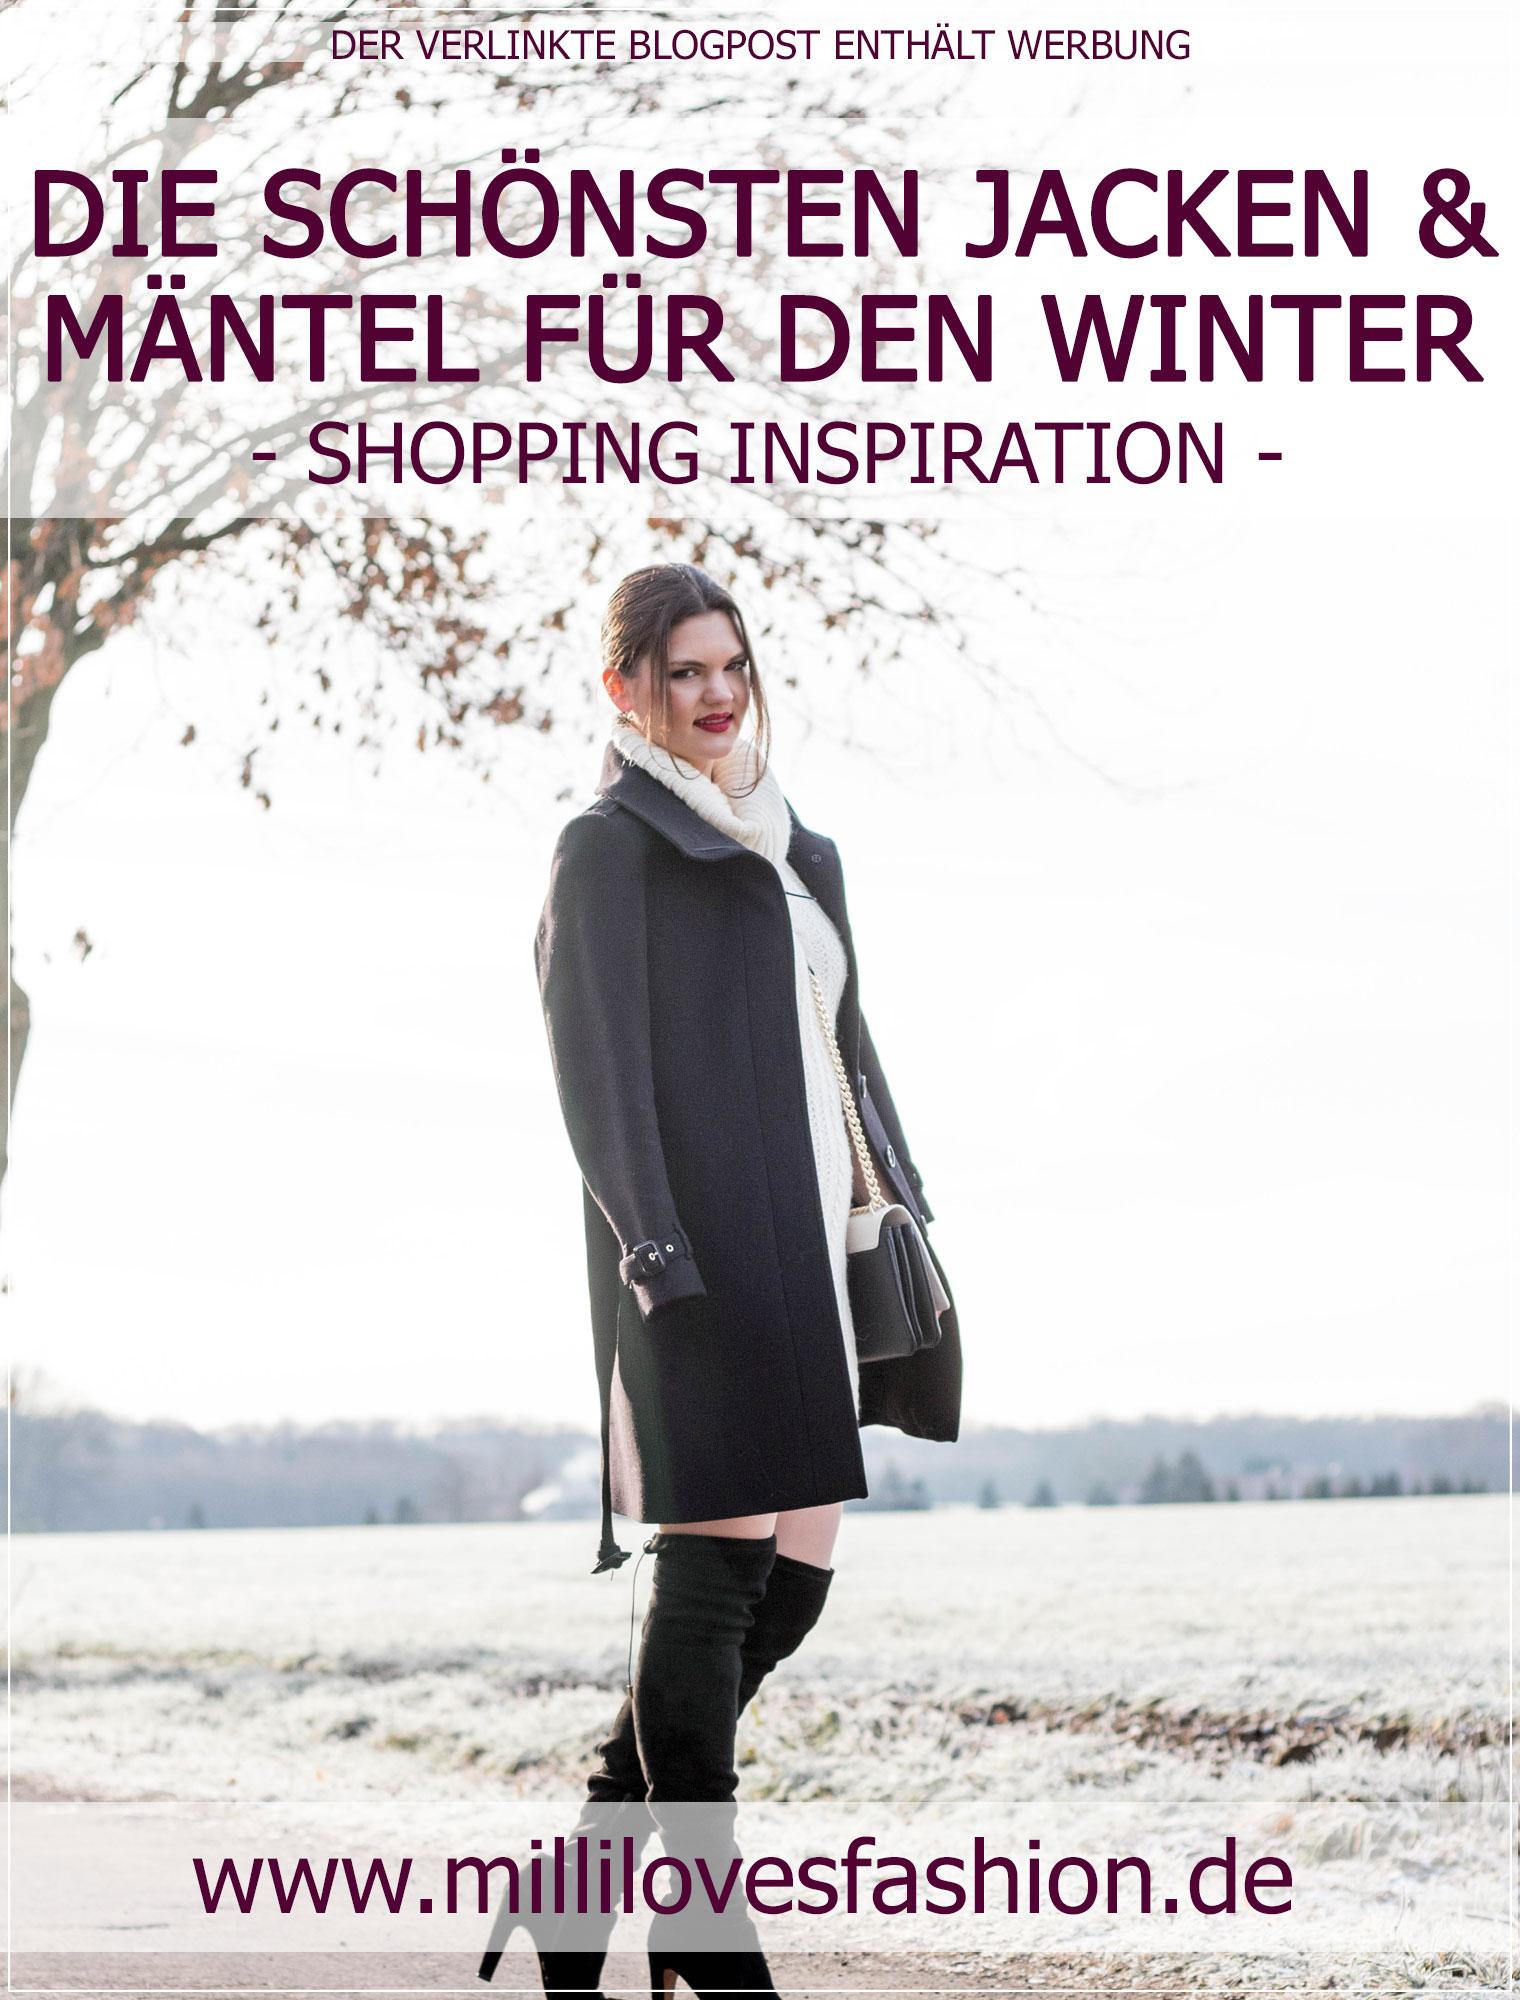 Jacken und Mäntel, Winteroutfit, Wollmäntel, Teddyjacken, Modetrends, Fashion, Modeblog, Ruhrgebiet, Herbstmode, Bloggerin, Fashionblog